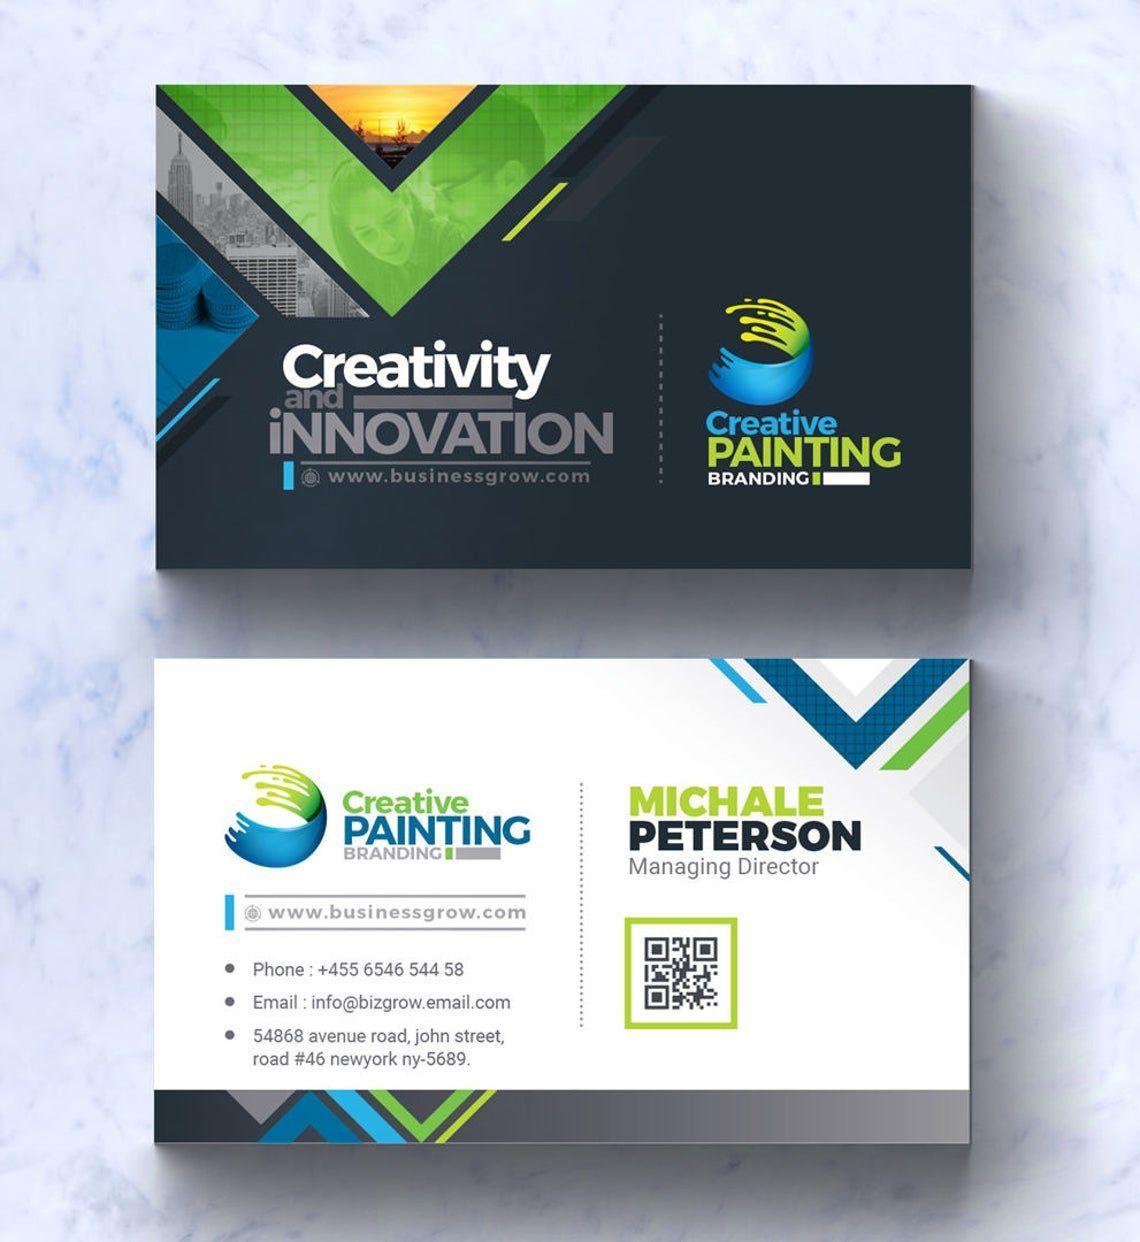 CreativePaiting - Modern Business Card Design Template, Slide 2, 09007, Business — PoweredTemplate.com